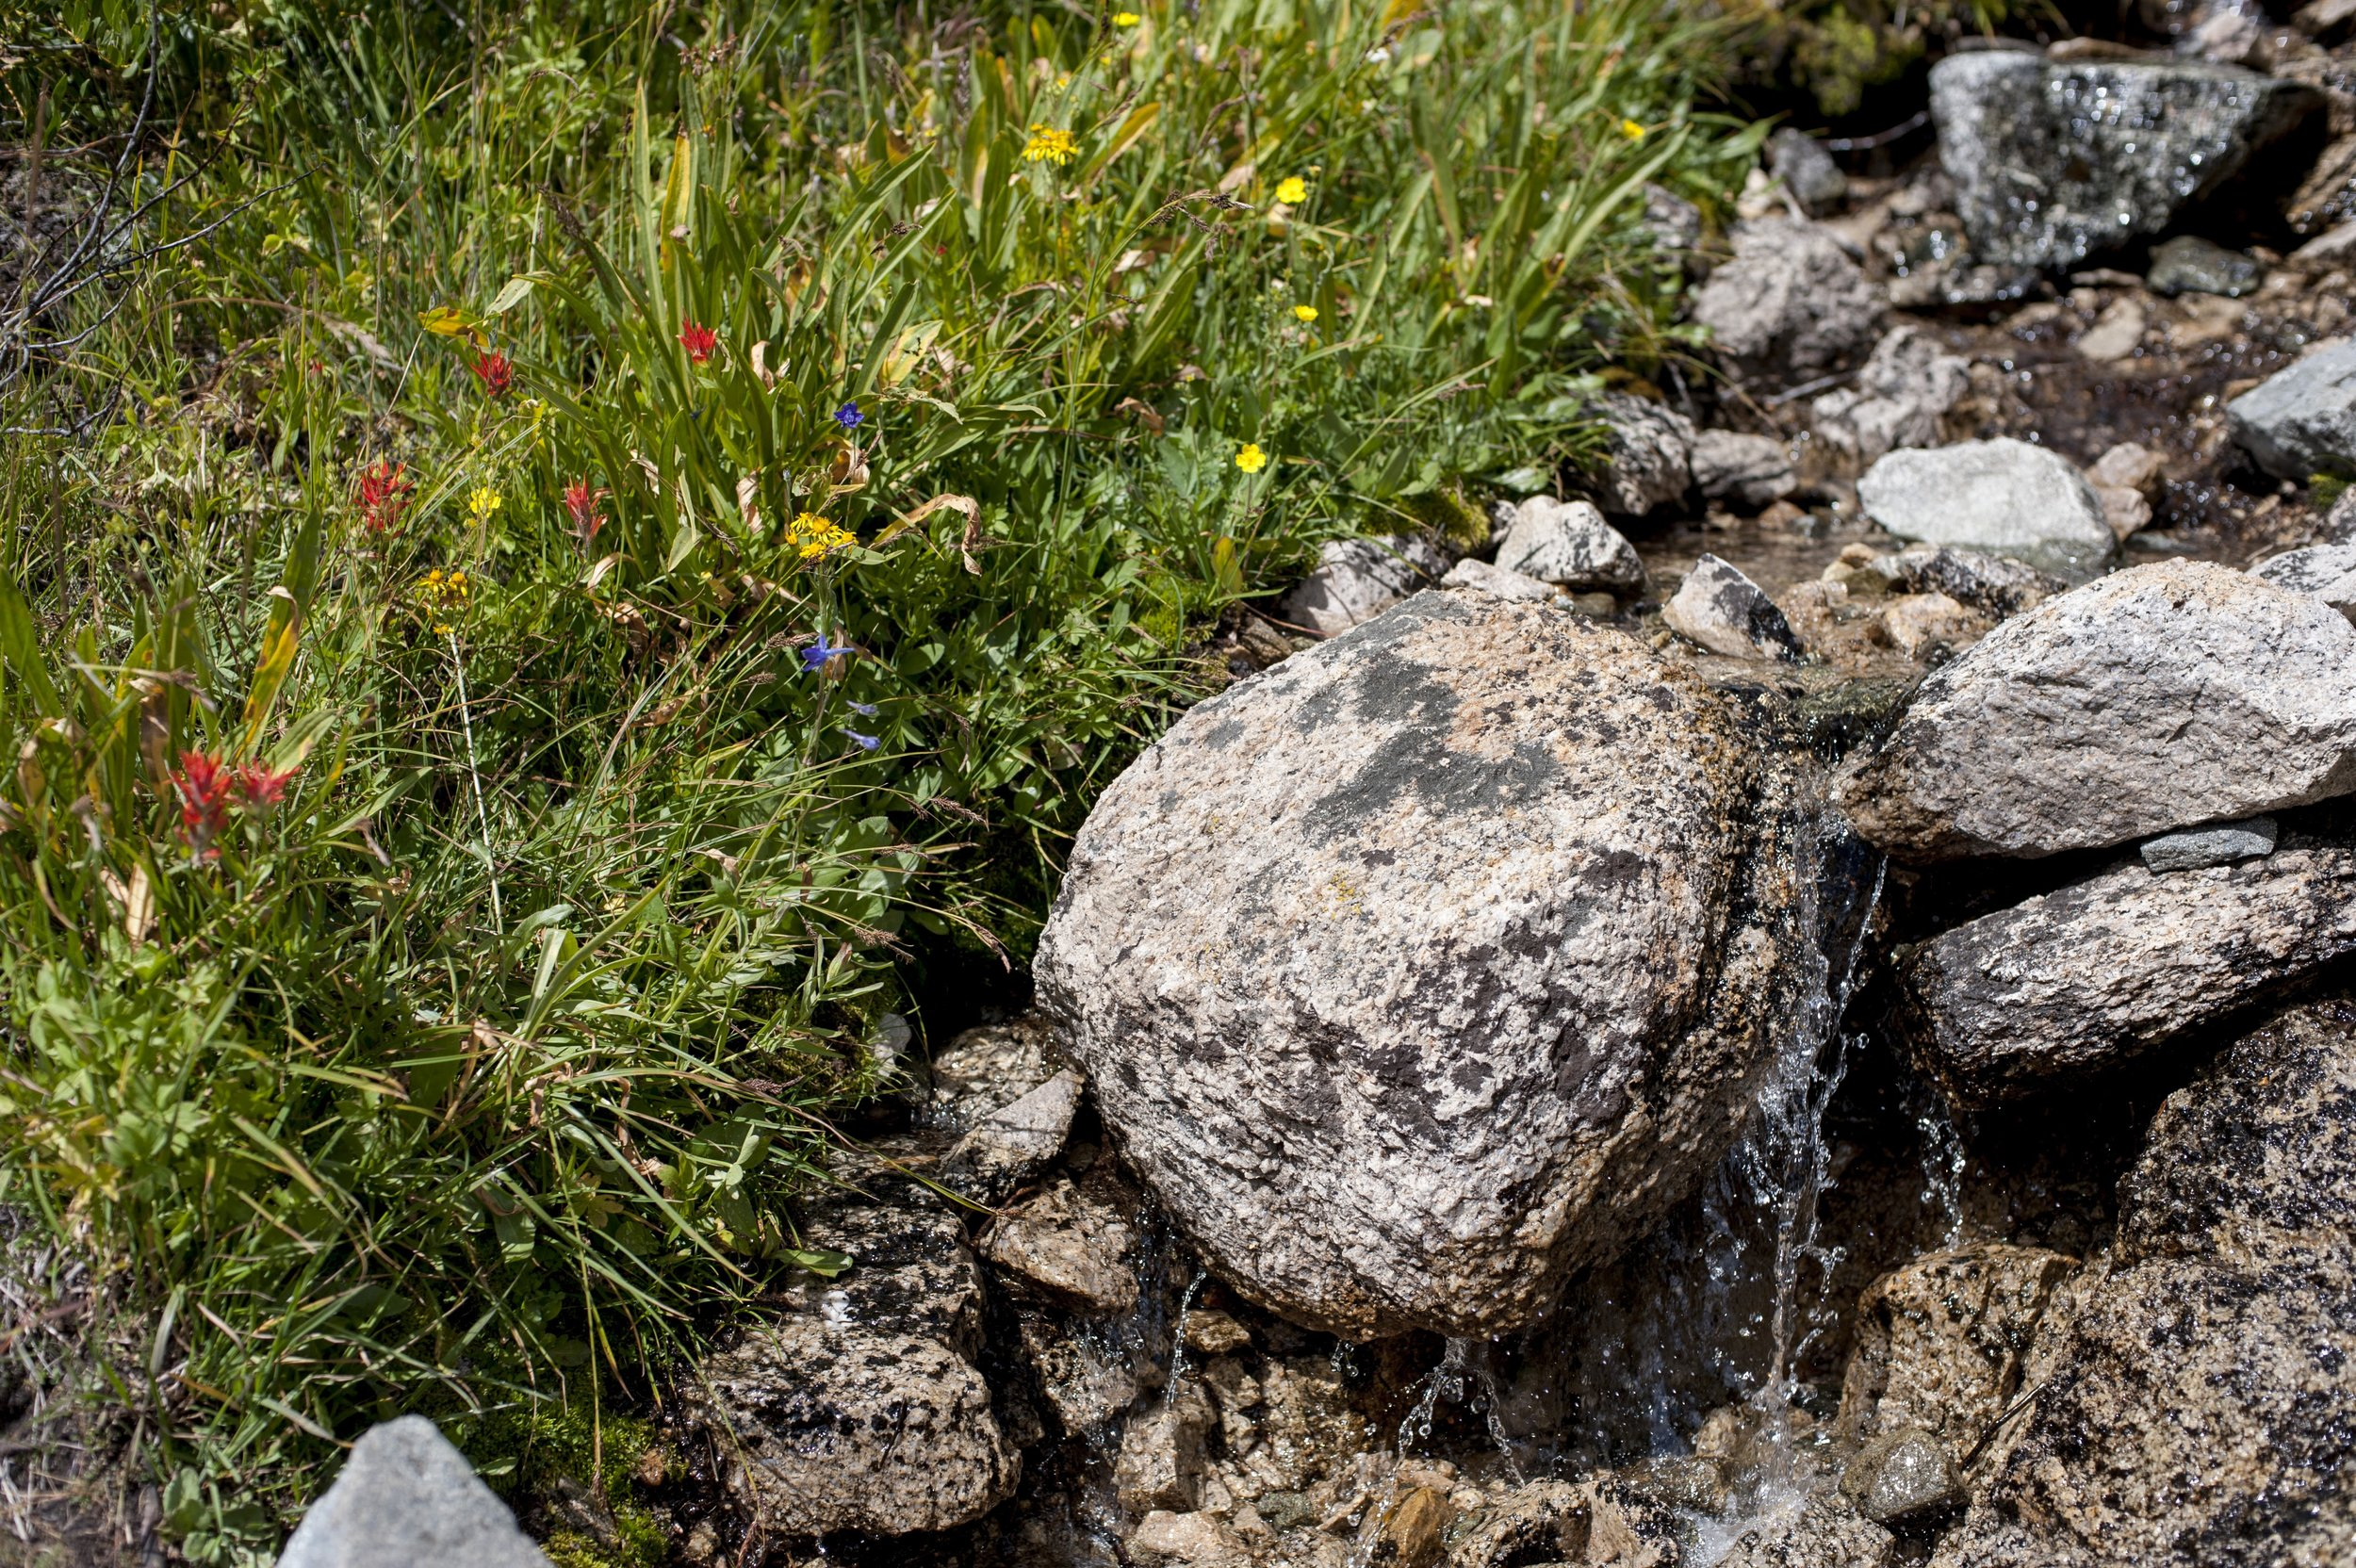 Creekside meadow in the Sierras.